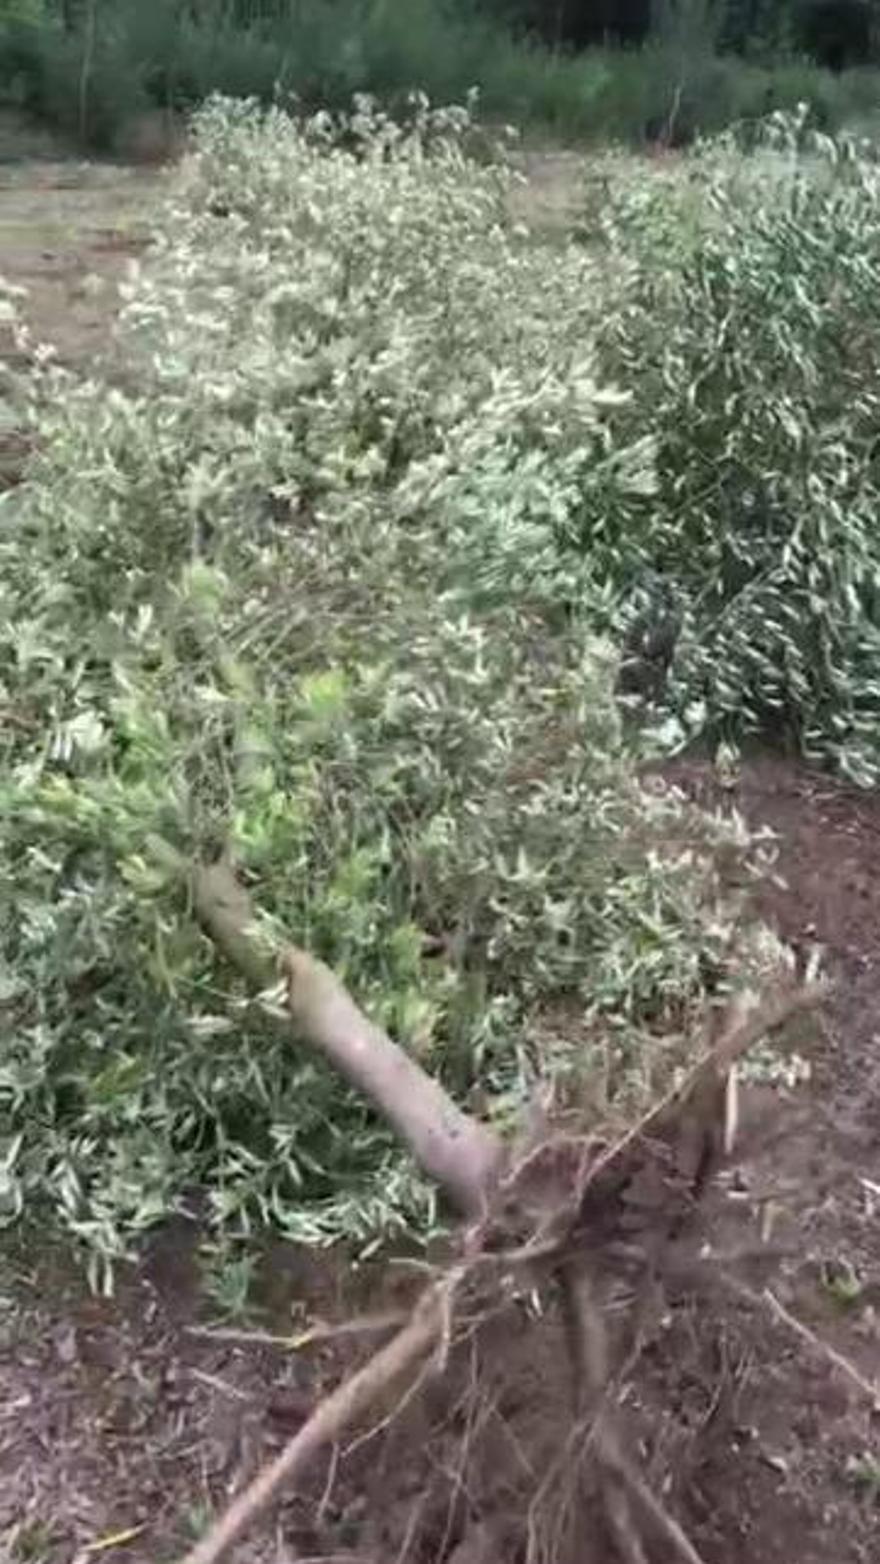 Todos los olivos plantados en estos 12.000 metros cuadrados fueron arrancados sin producción.